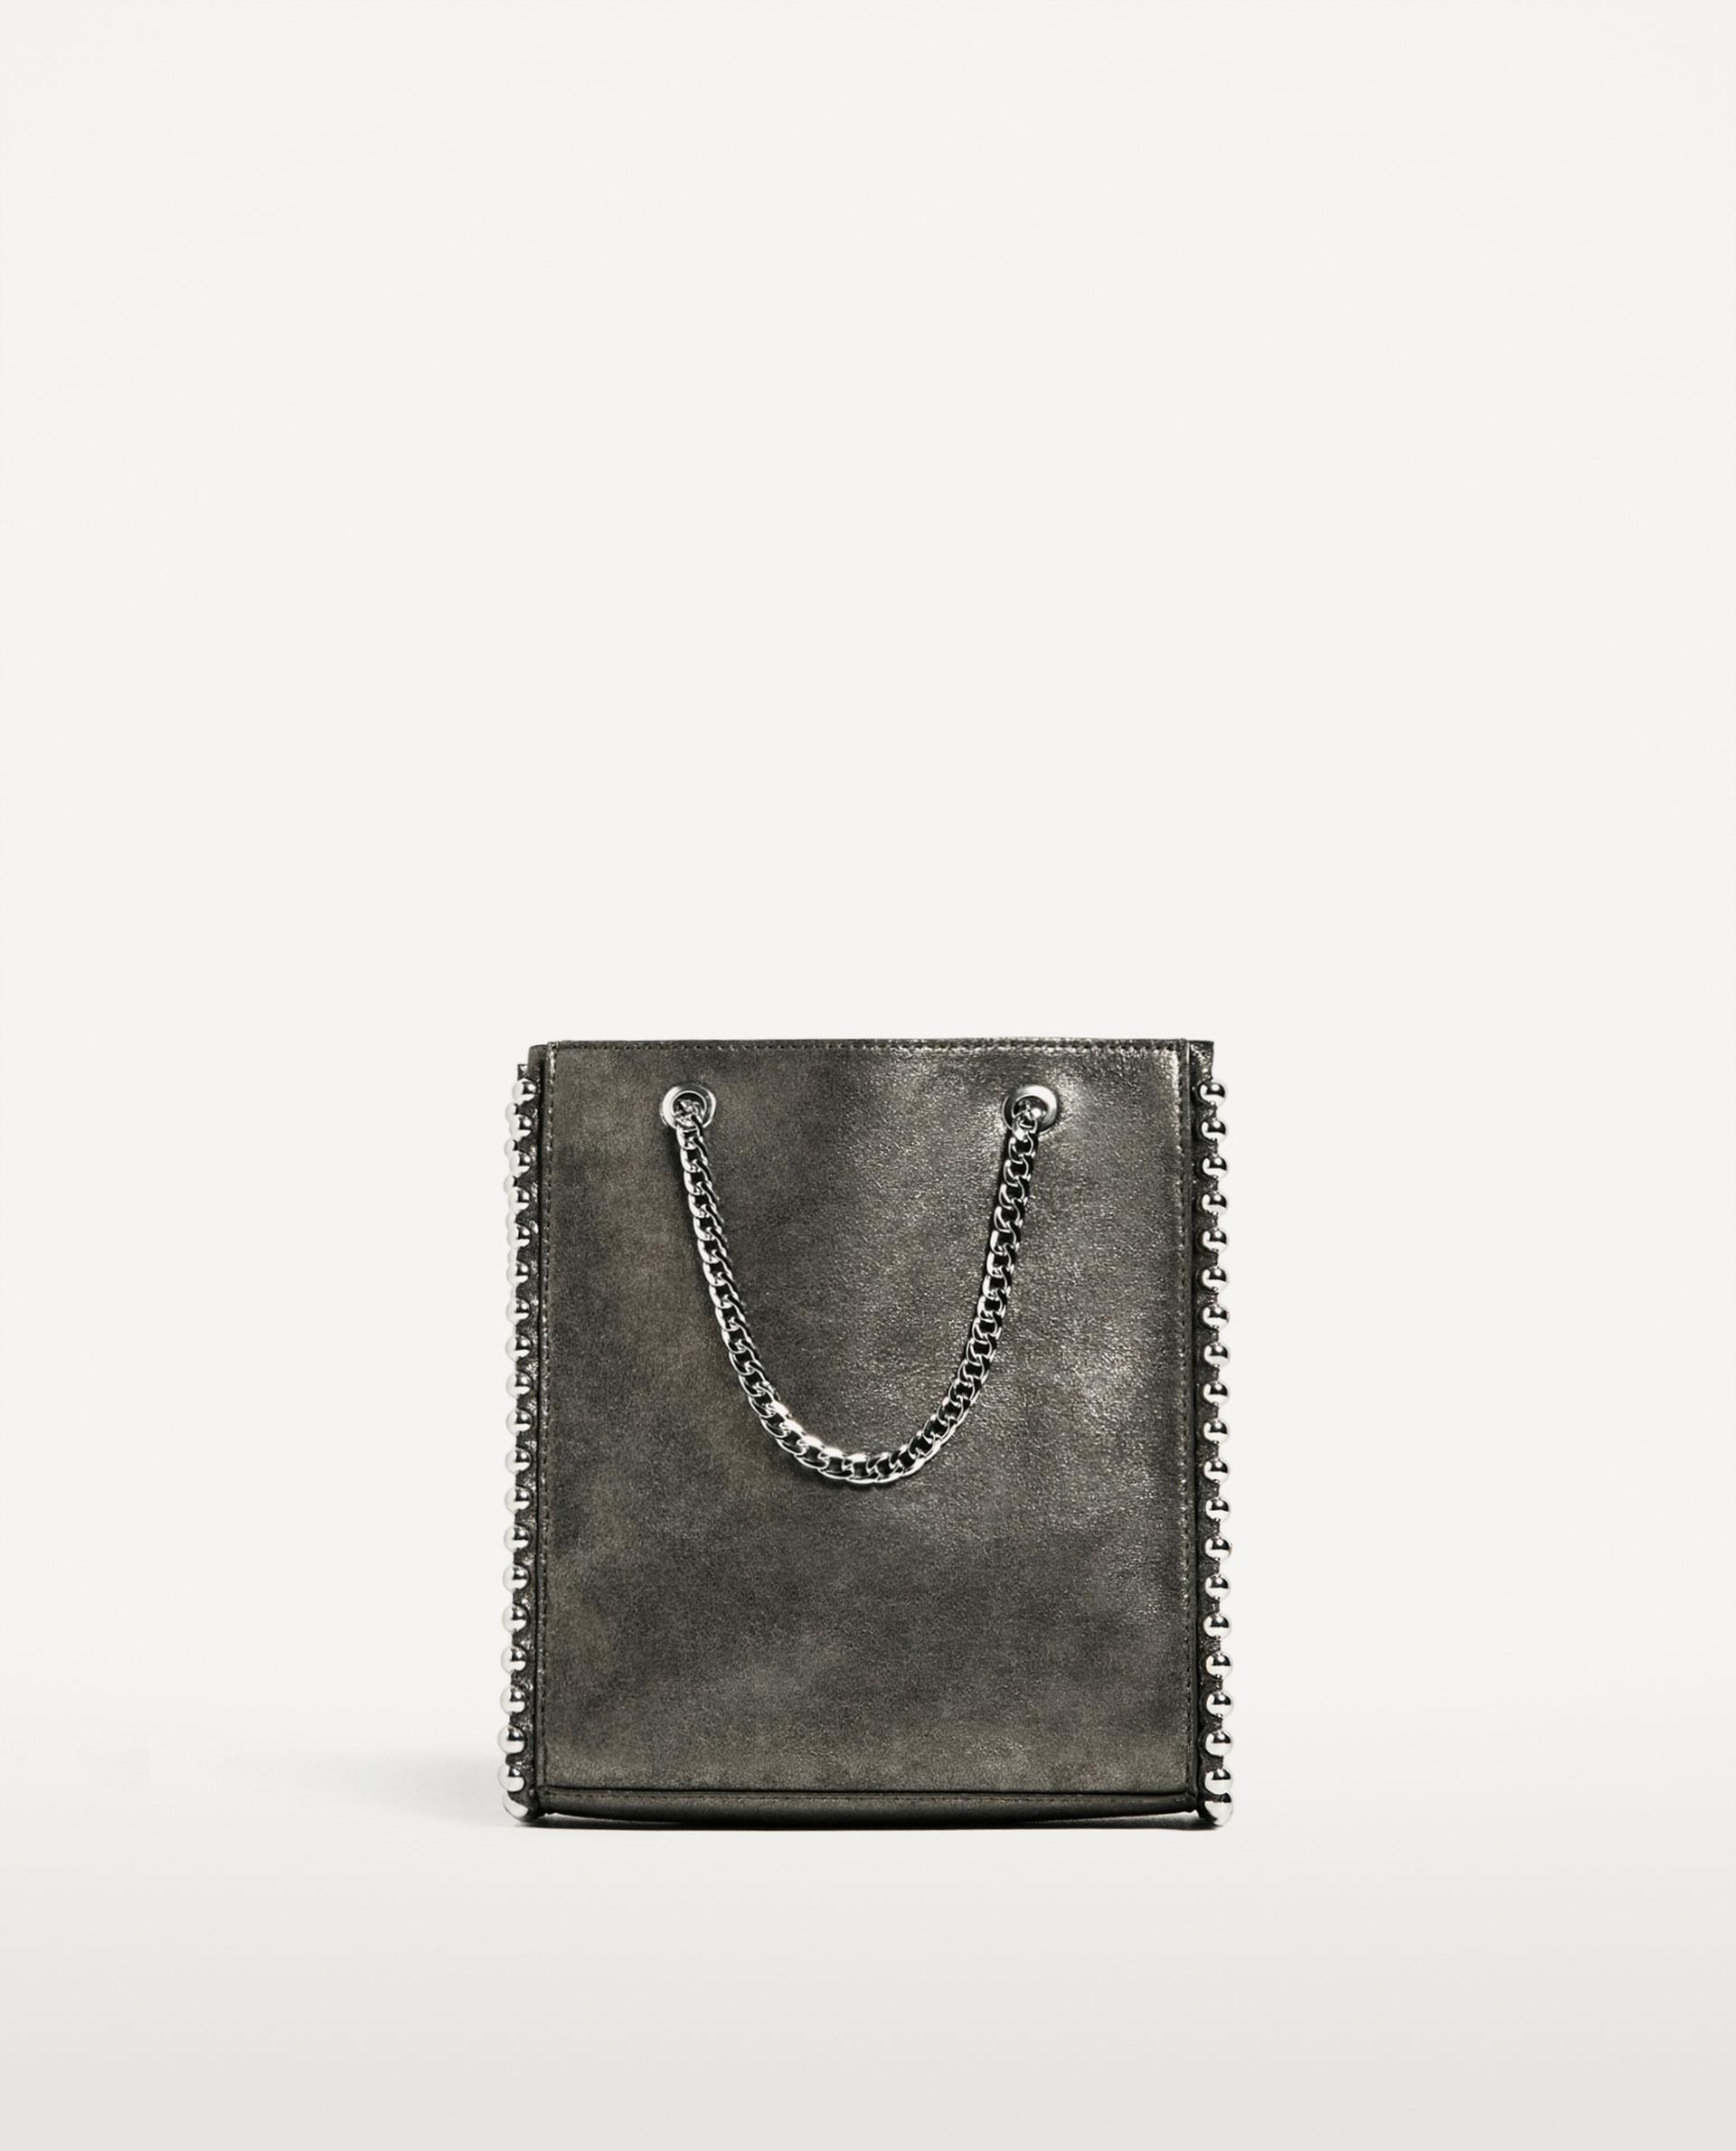 432d729f0a60e Zara mini torebka shopper z ćwiekami - 7364513935 - oficjalne ...